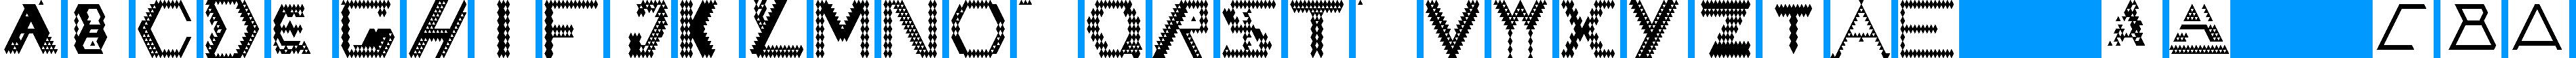 Particip-a-type v.198